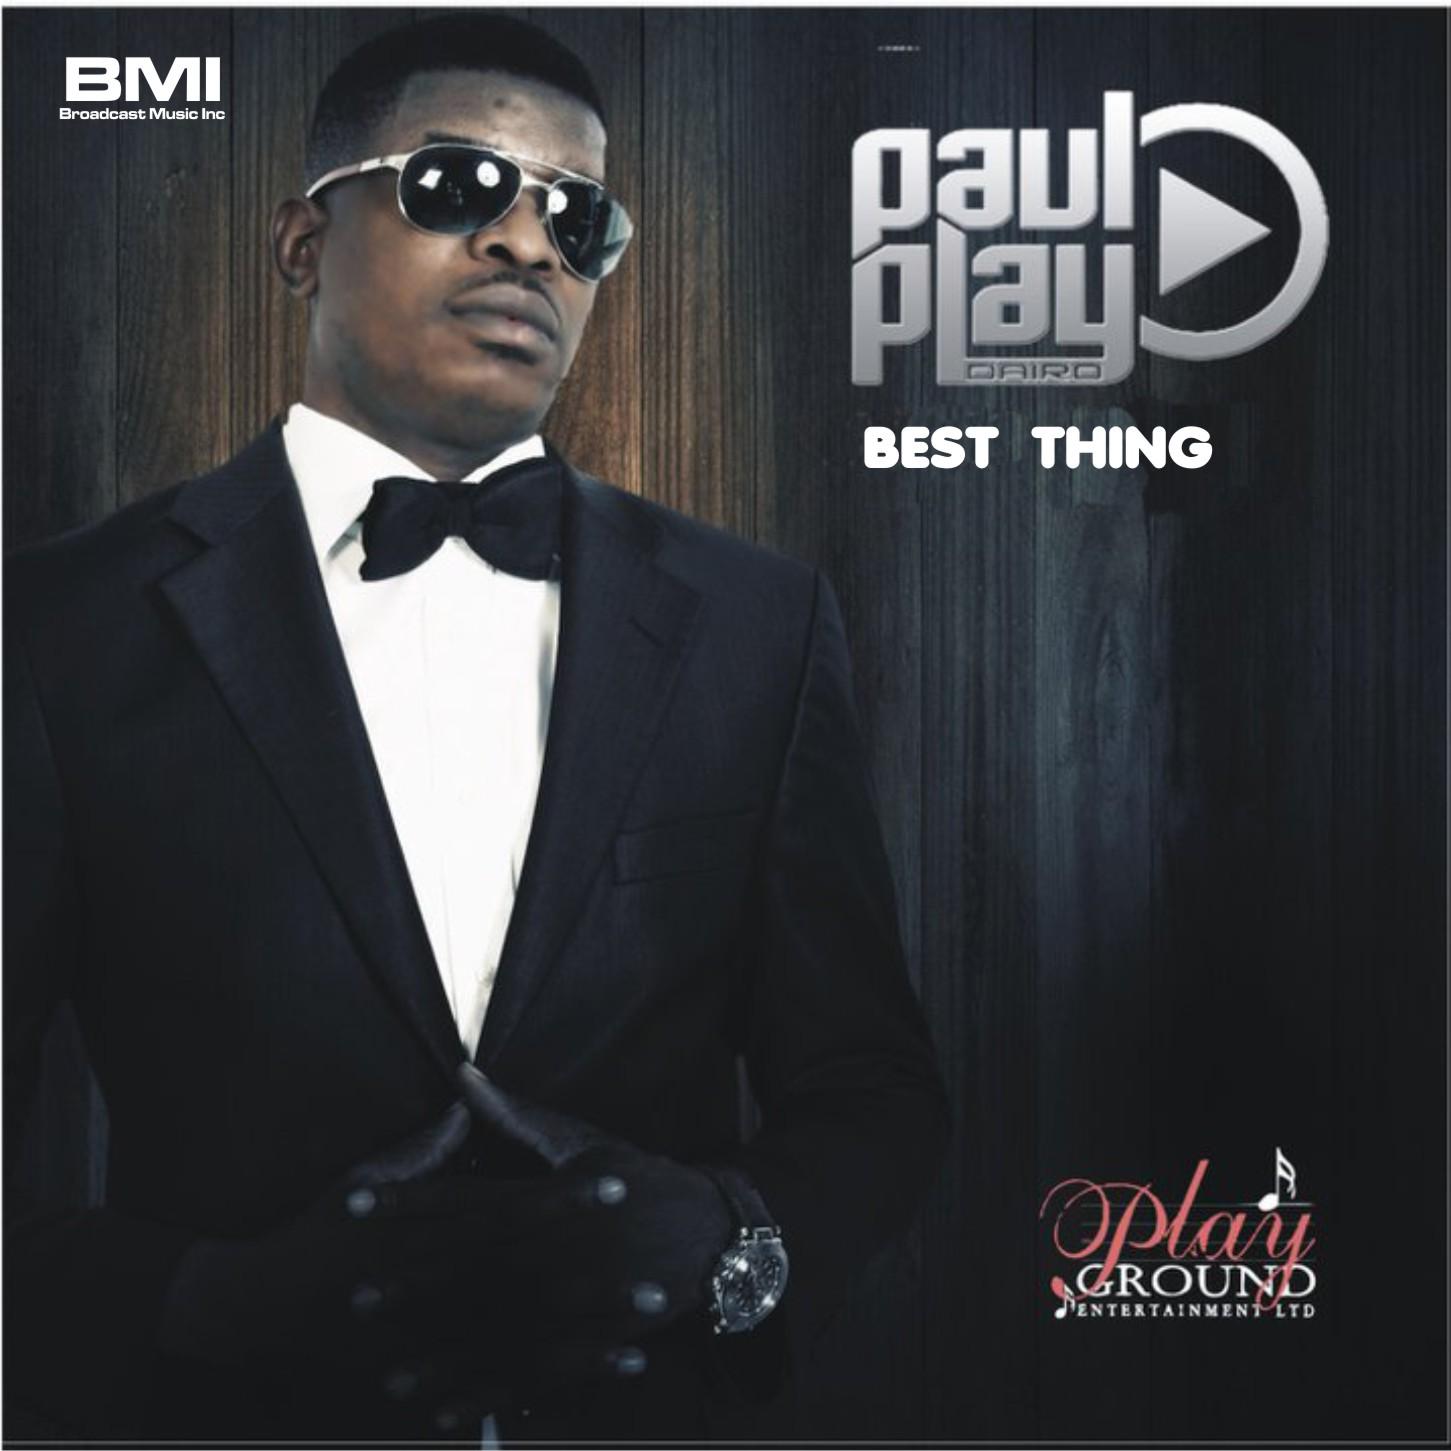 Paul Play Dairo - Best Thing | Notjustok